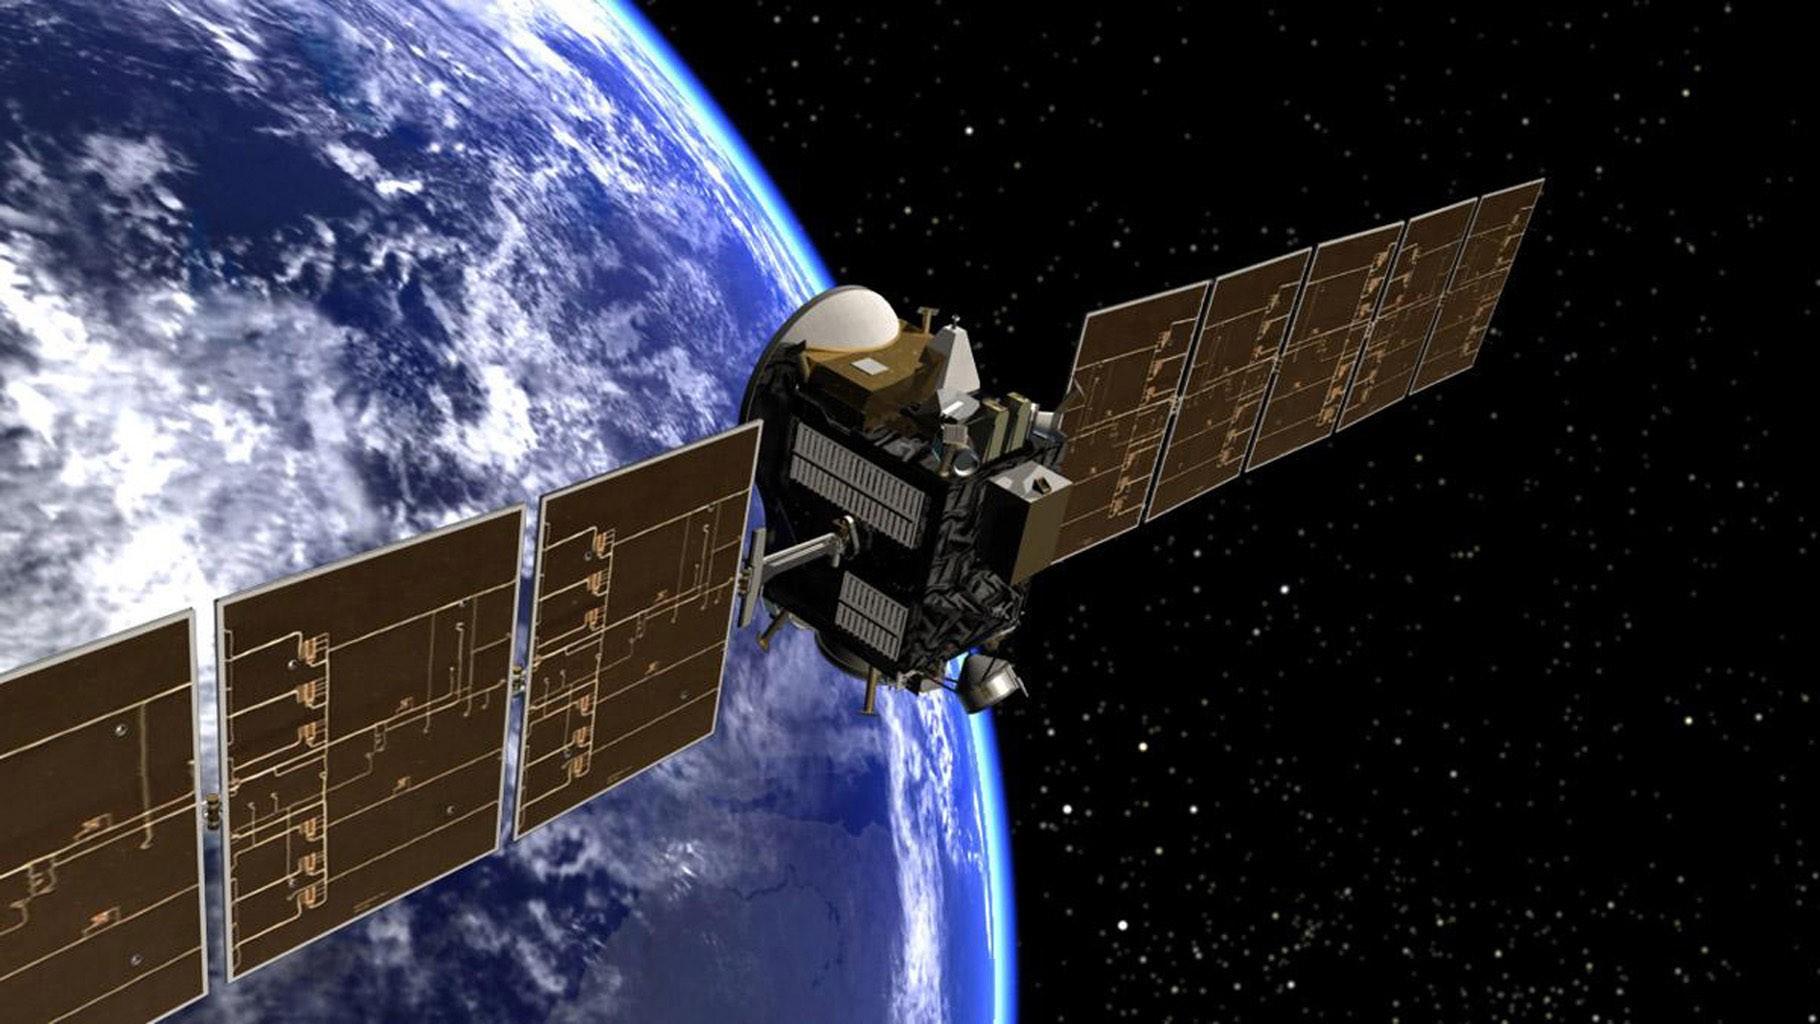 Ilustração representando a sonda Dawn saindo da órbita da Terra (Foto: NASA)